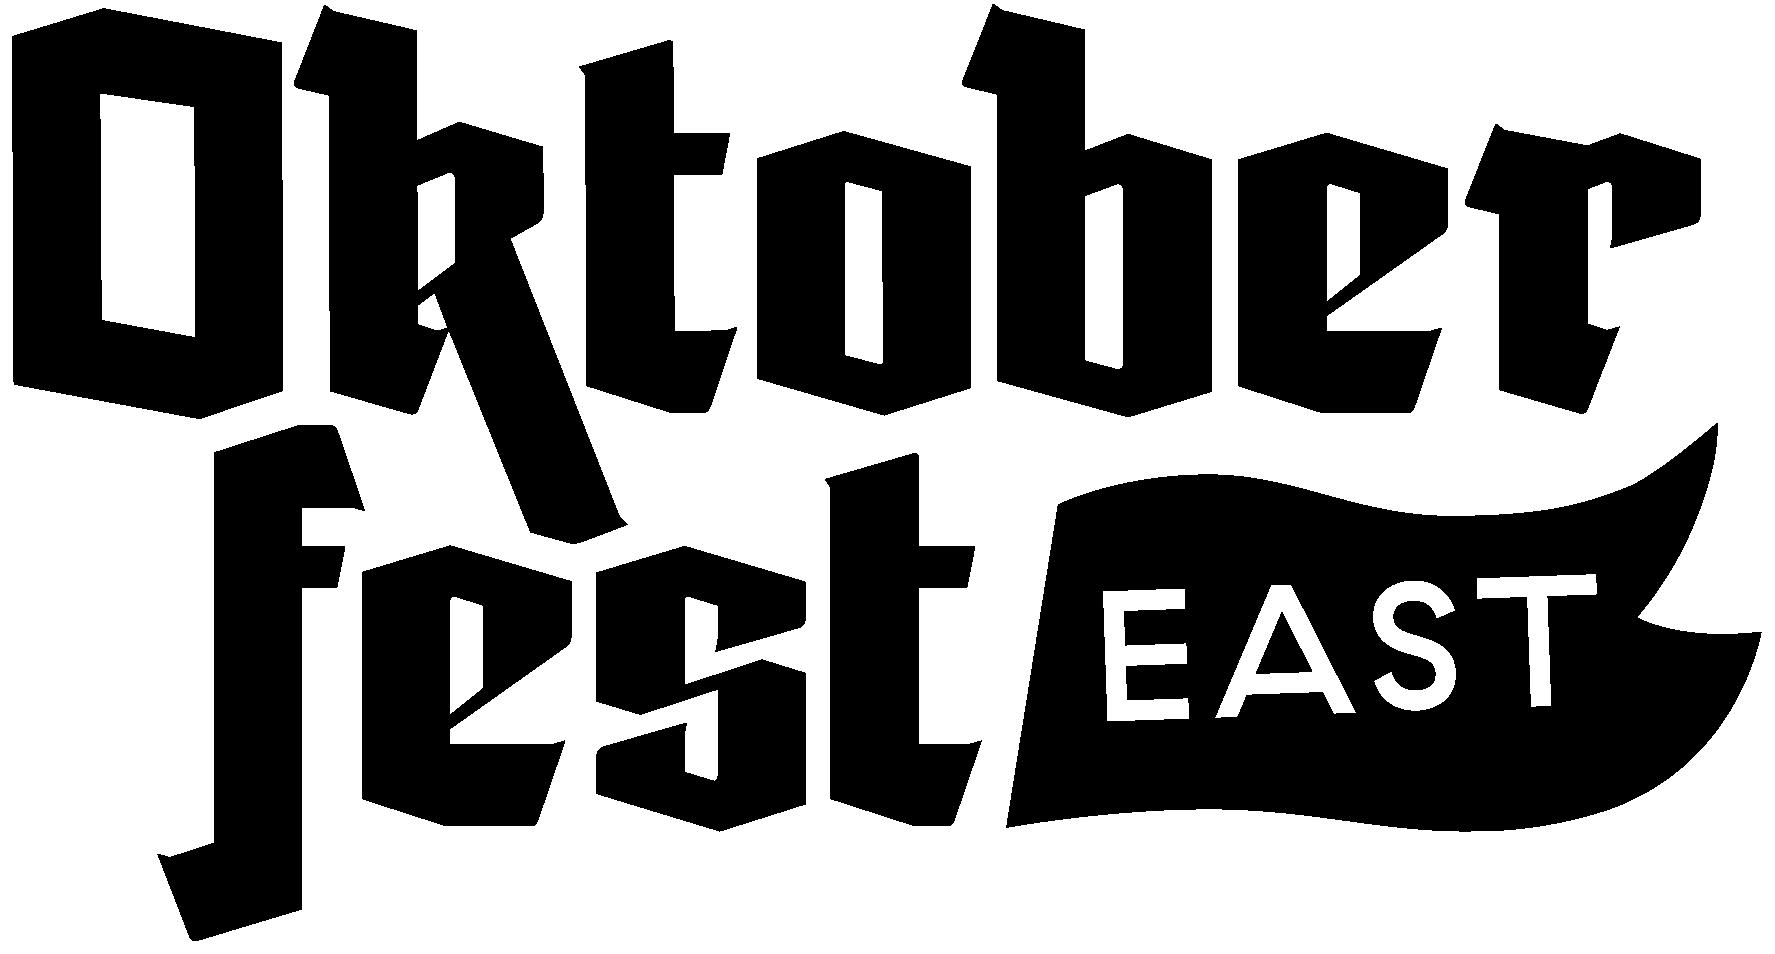 oktoberfest-logo-black